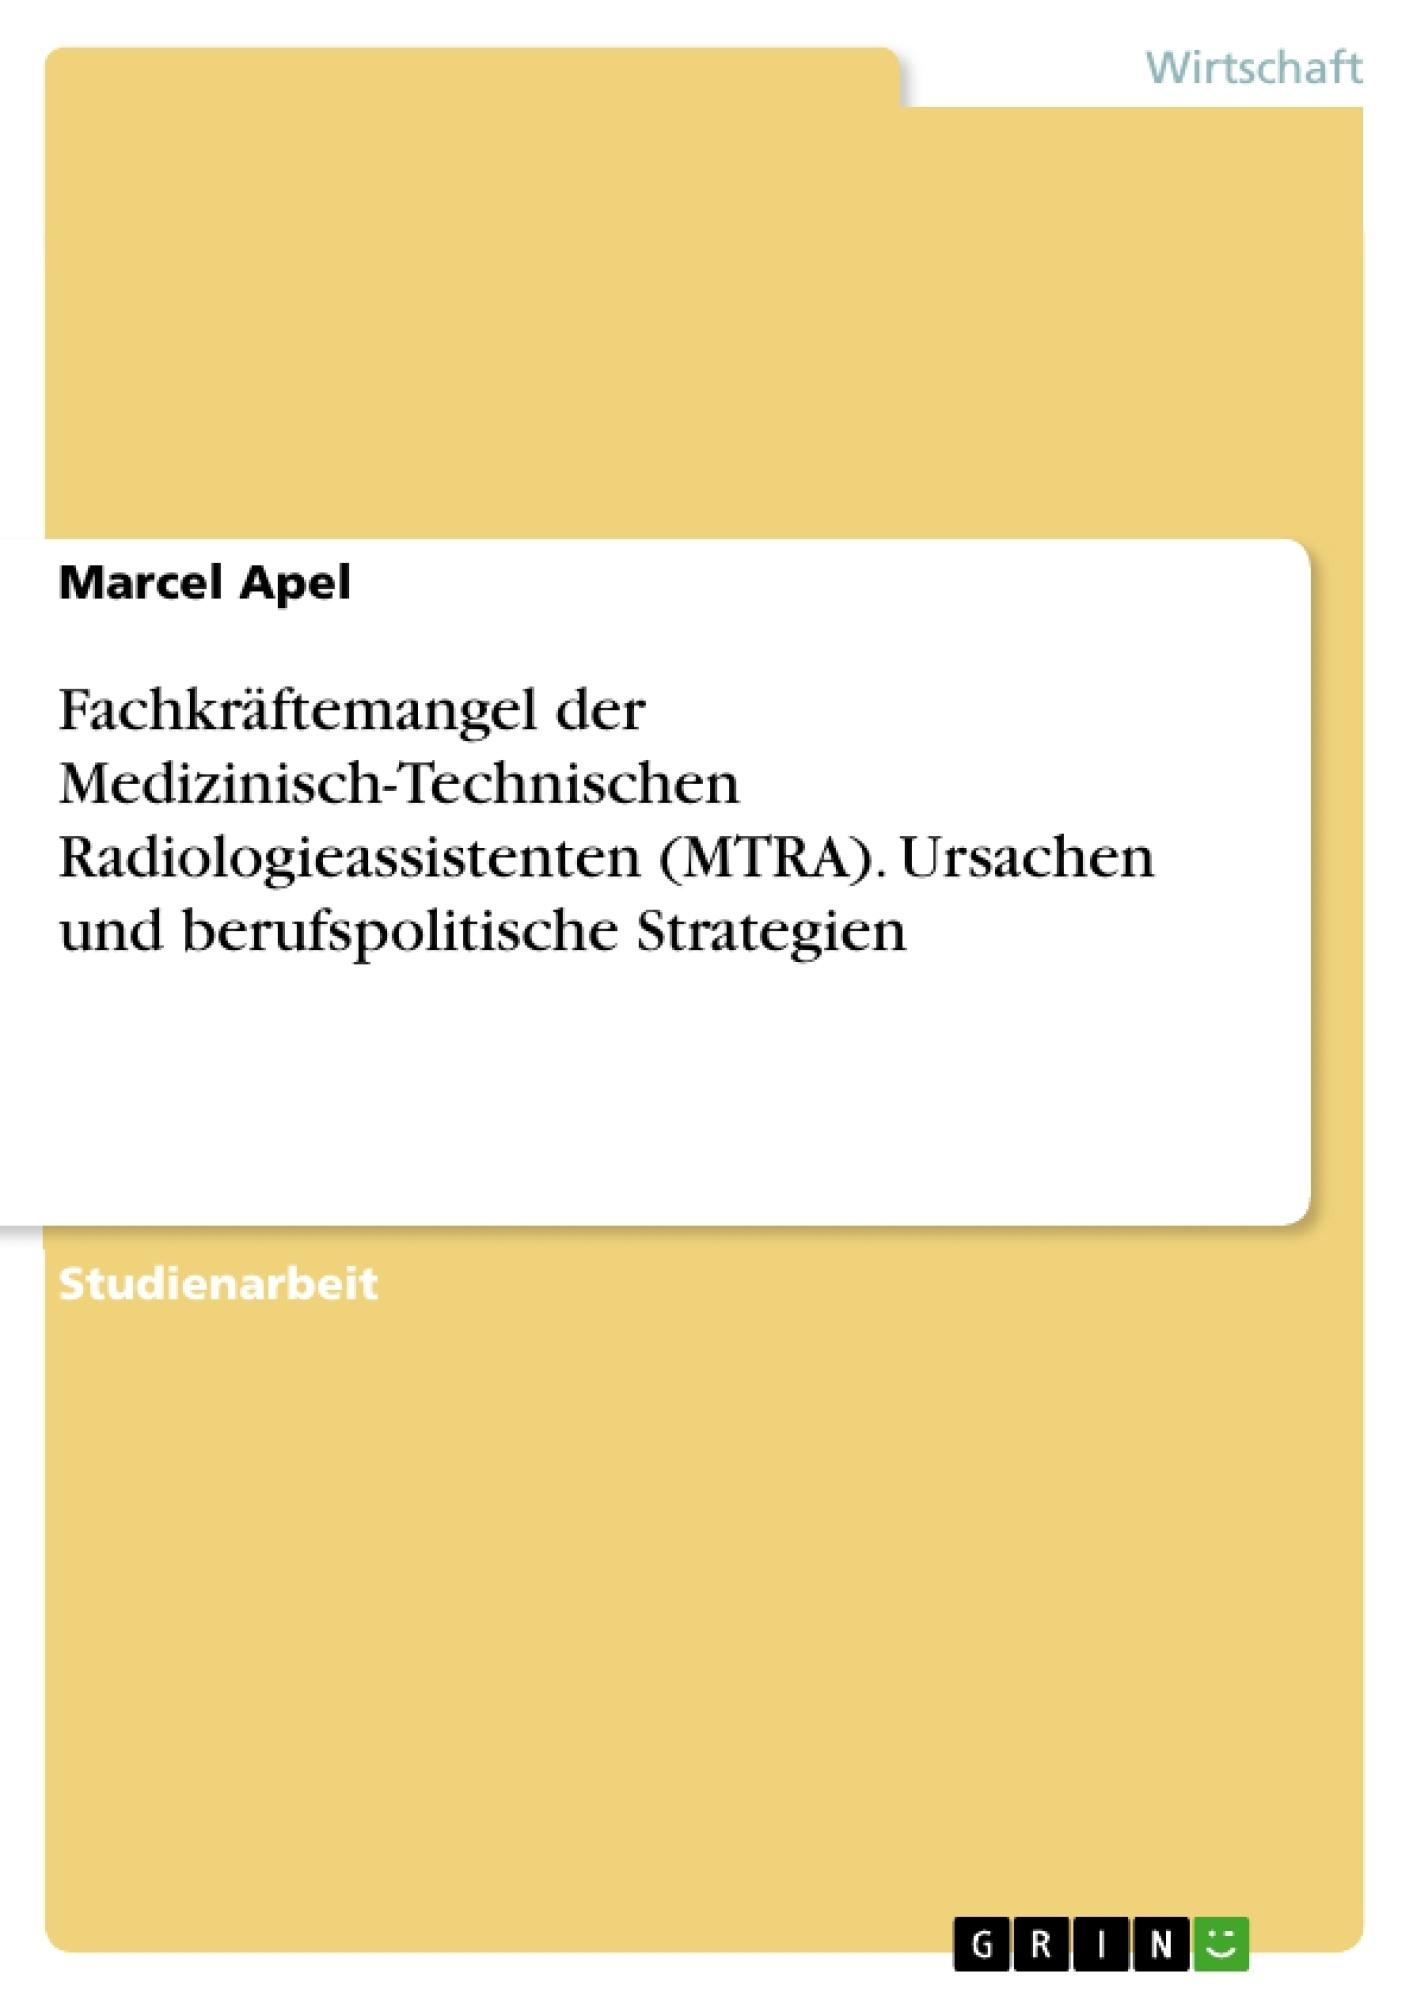 Titel: Fachkräftemangel der Medizinisch-Technischen Radiologieassistenten (MTRA). Ursachen und berufspolitische Strategien